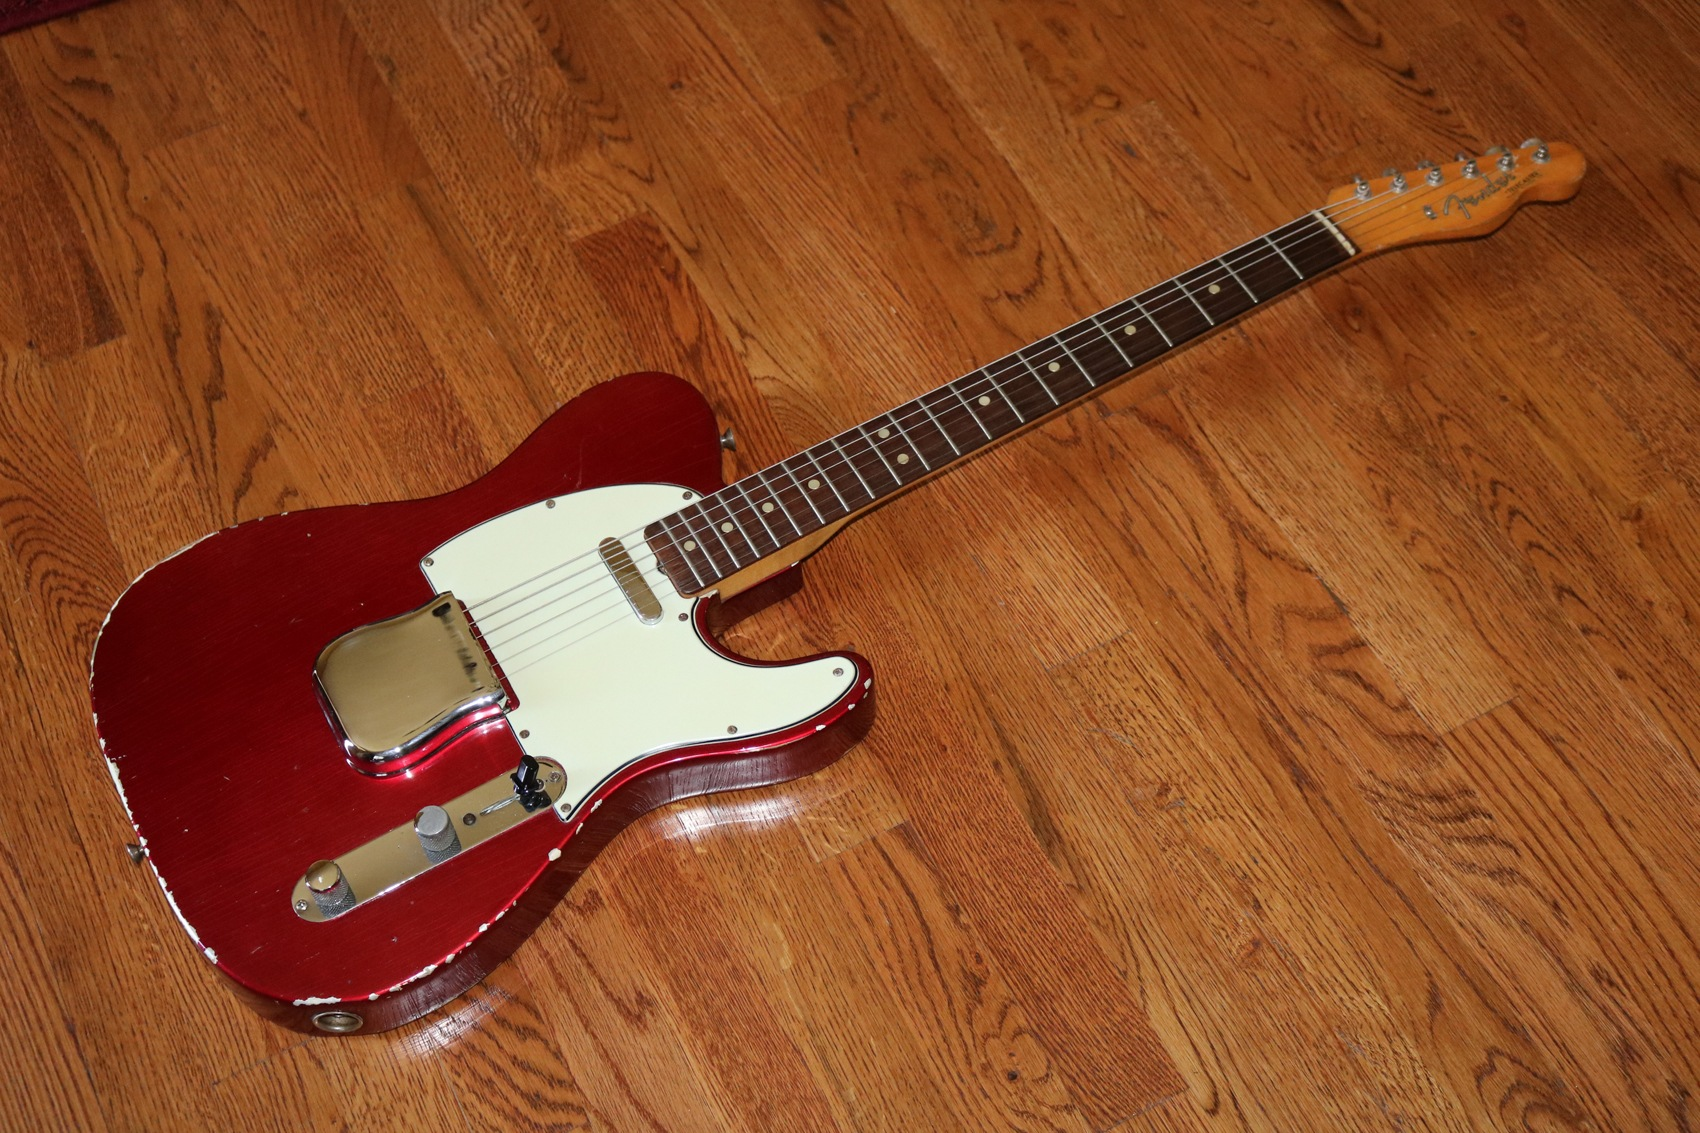 1965 fender telecaster candy apple red garys classic guitars vintage guitars llc. Black Bedroom Furniture Sets. Home Design Ideas